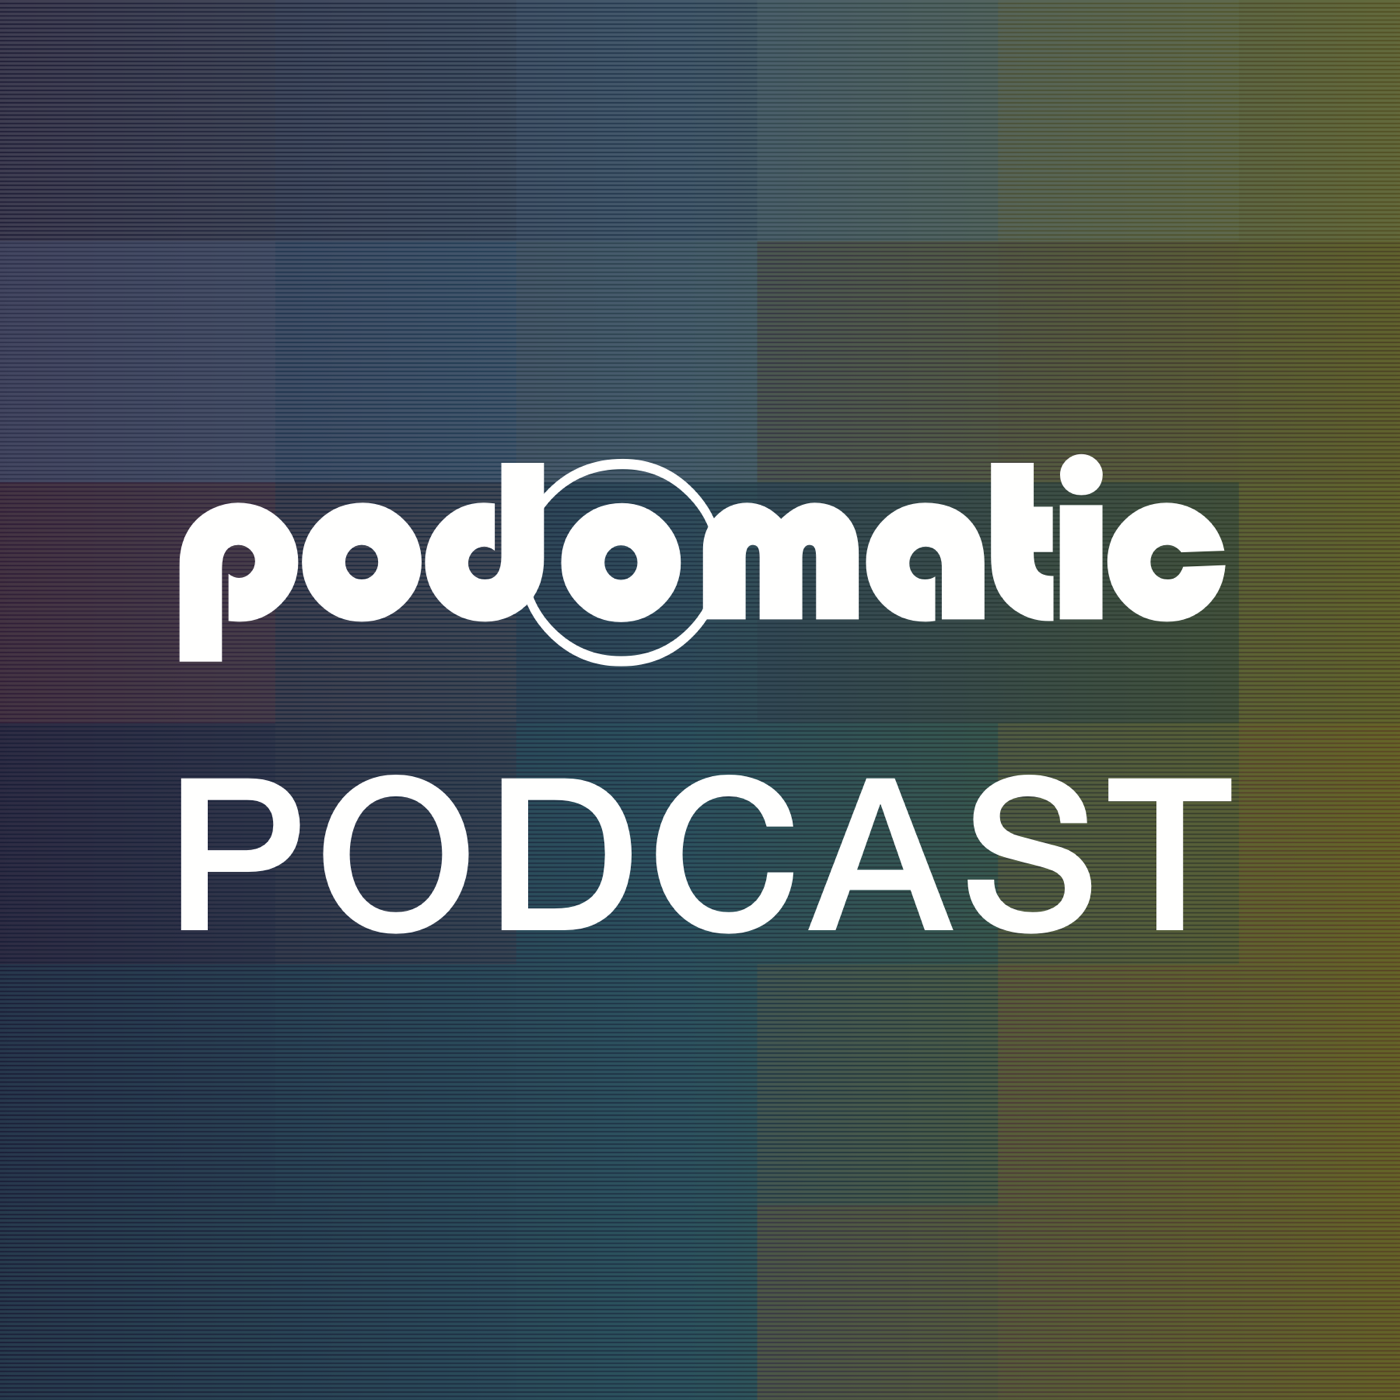 Podcastisimo